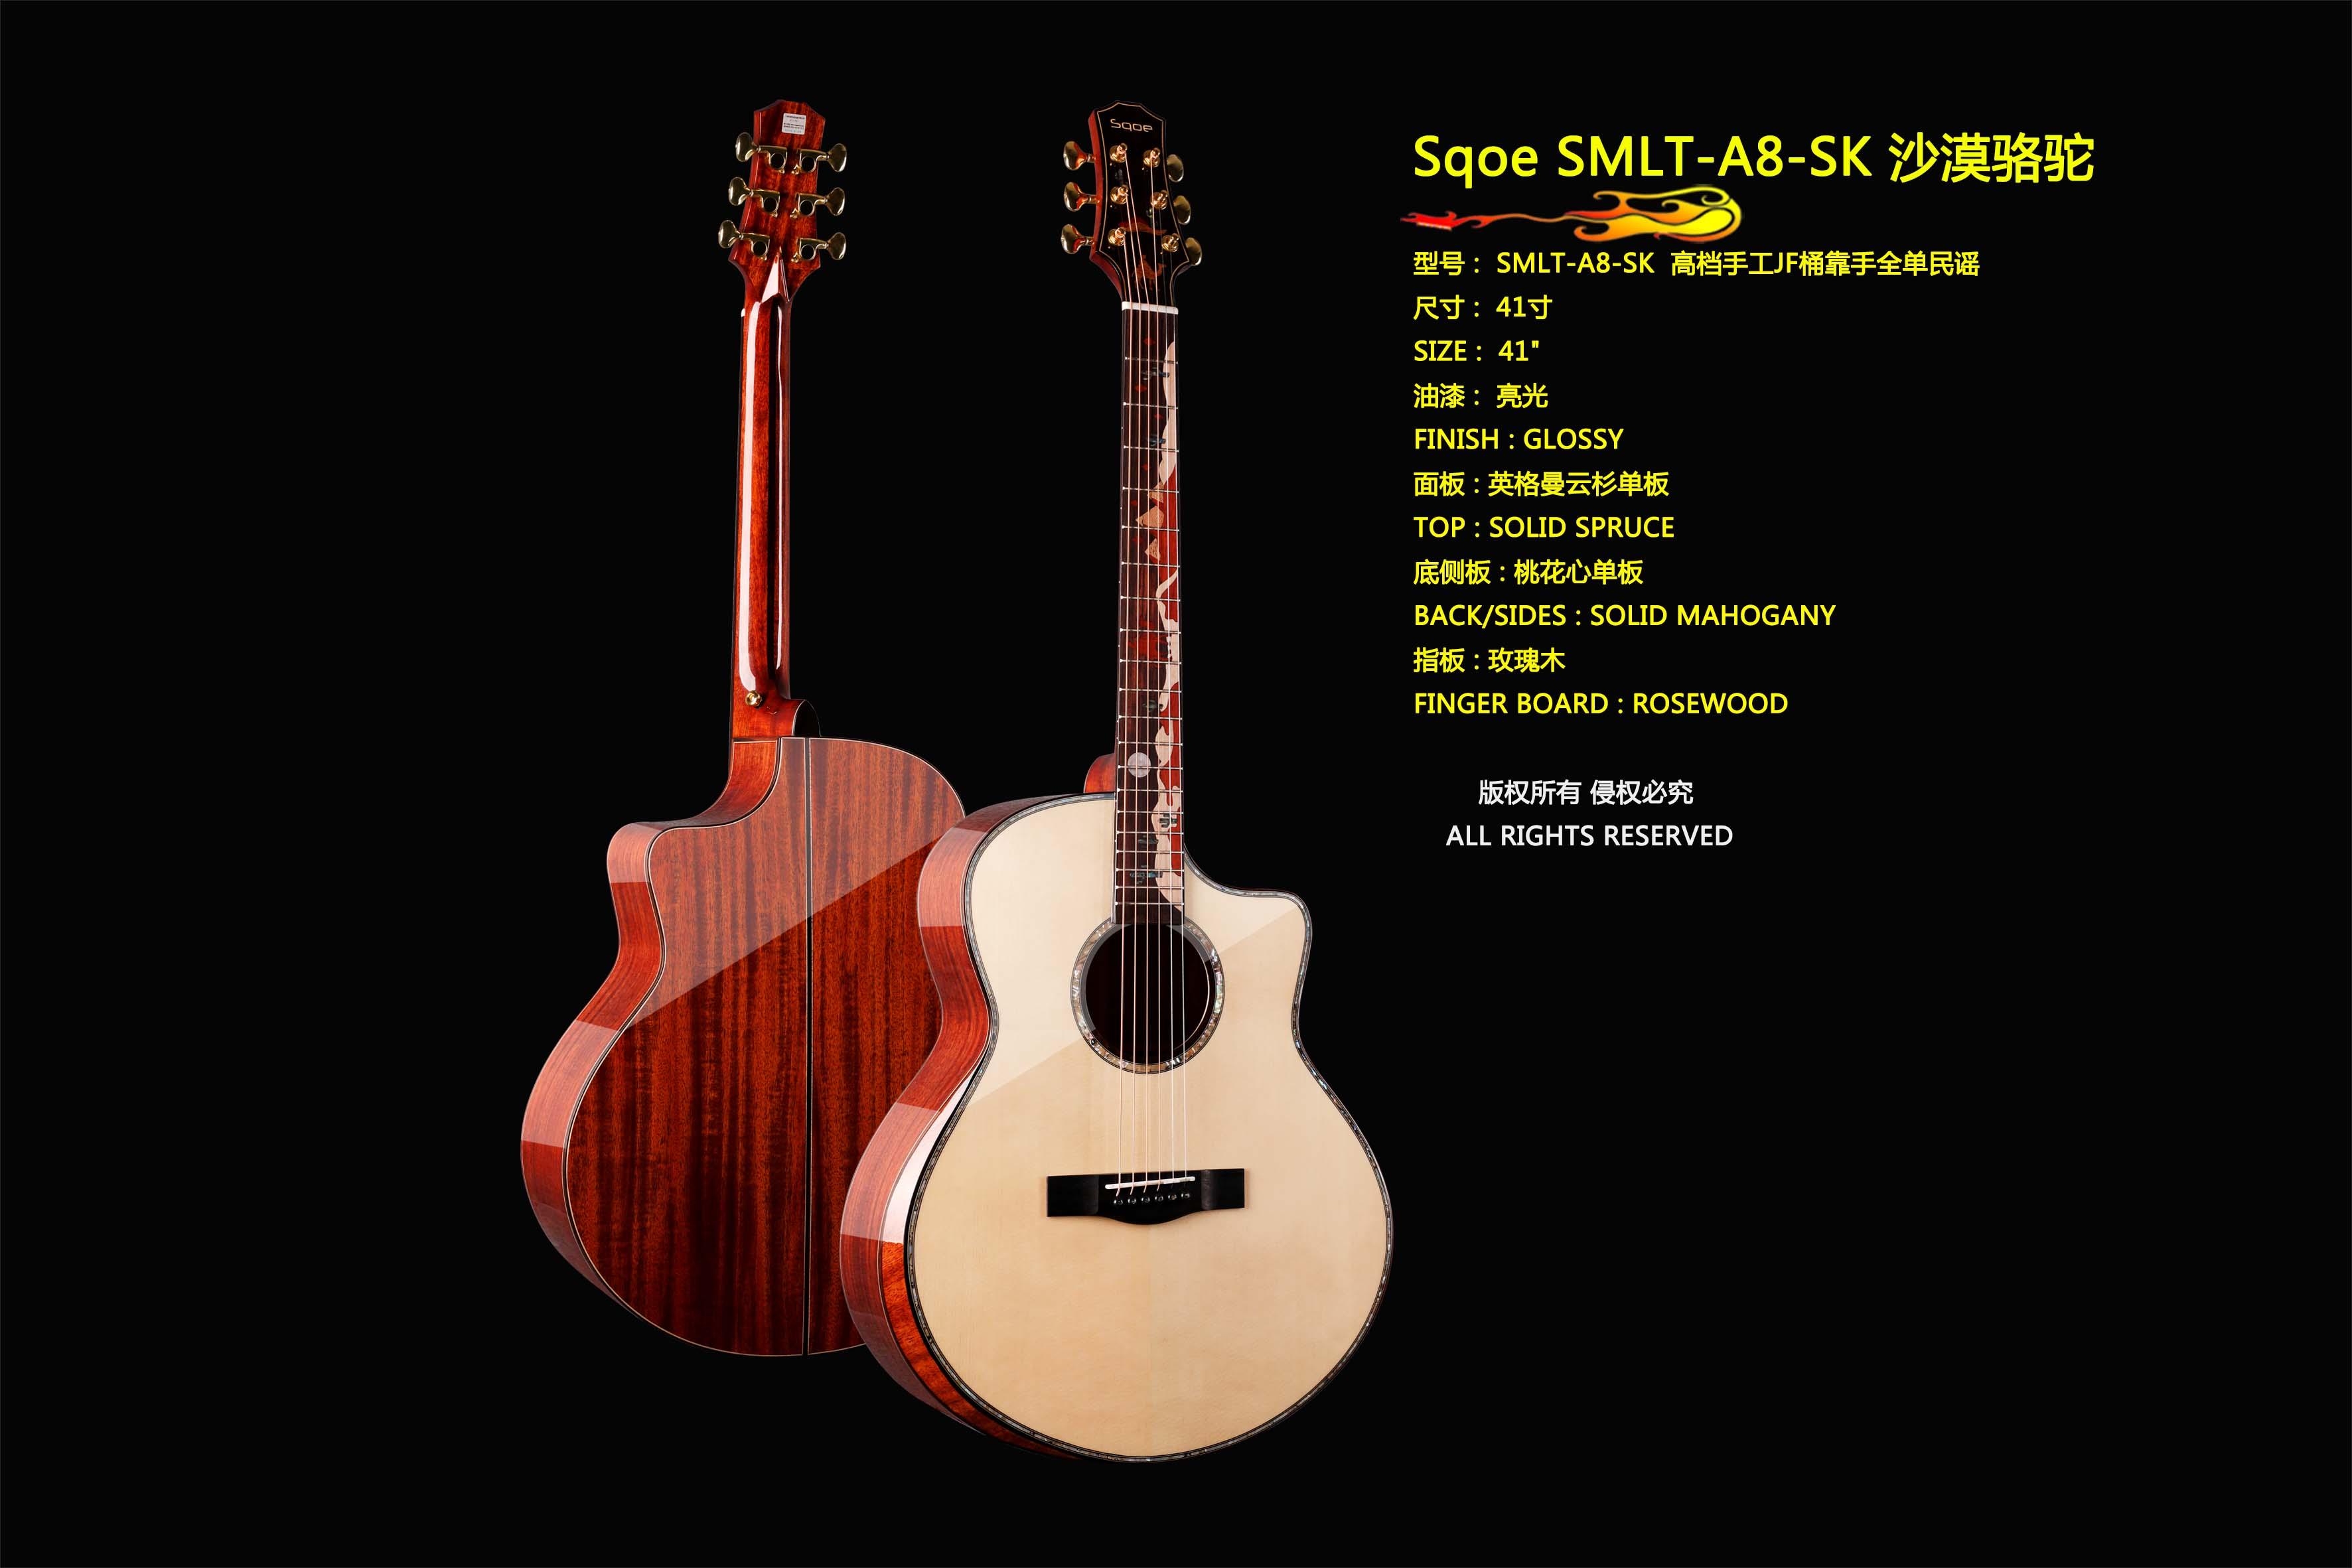 SMLT-A8-SK沙漠駱駝